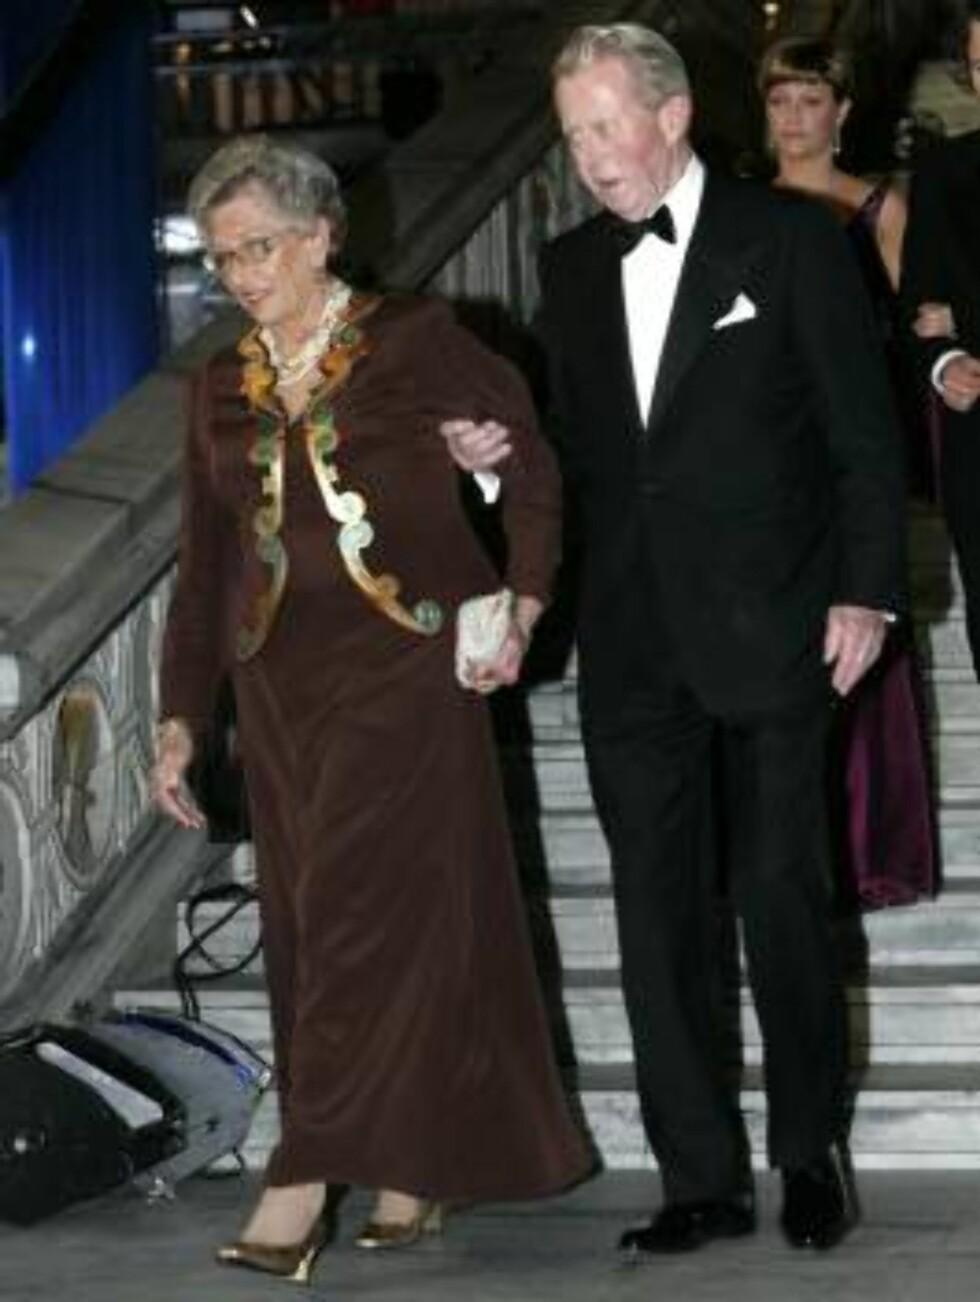 OSLO 20070223: Prinsesse Astrid og Johan Martin Ferner ankommer festforestillingen i Oslo rådhus fredag kveld. Foto: Bjørn Sigurdsøn / SCANPIX / POOL        Foto: SCANPIX